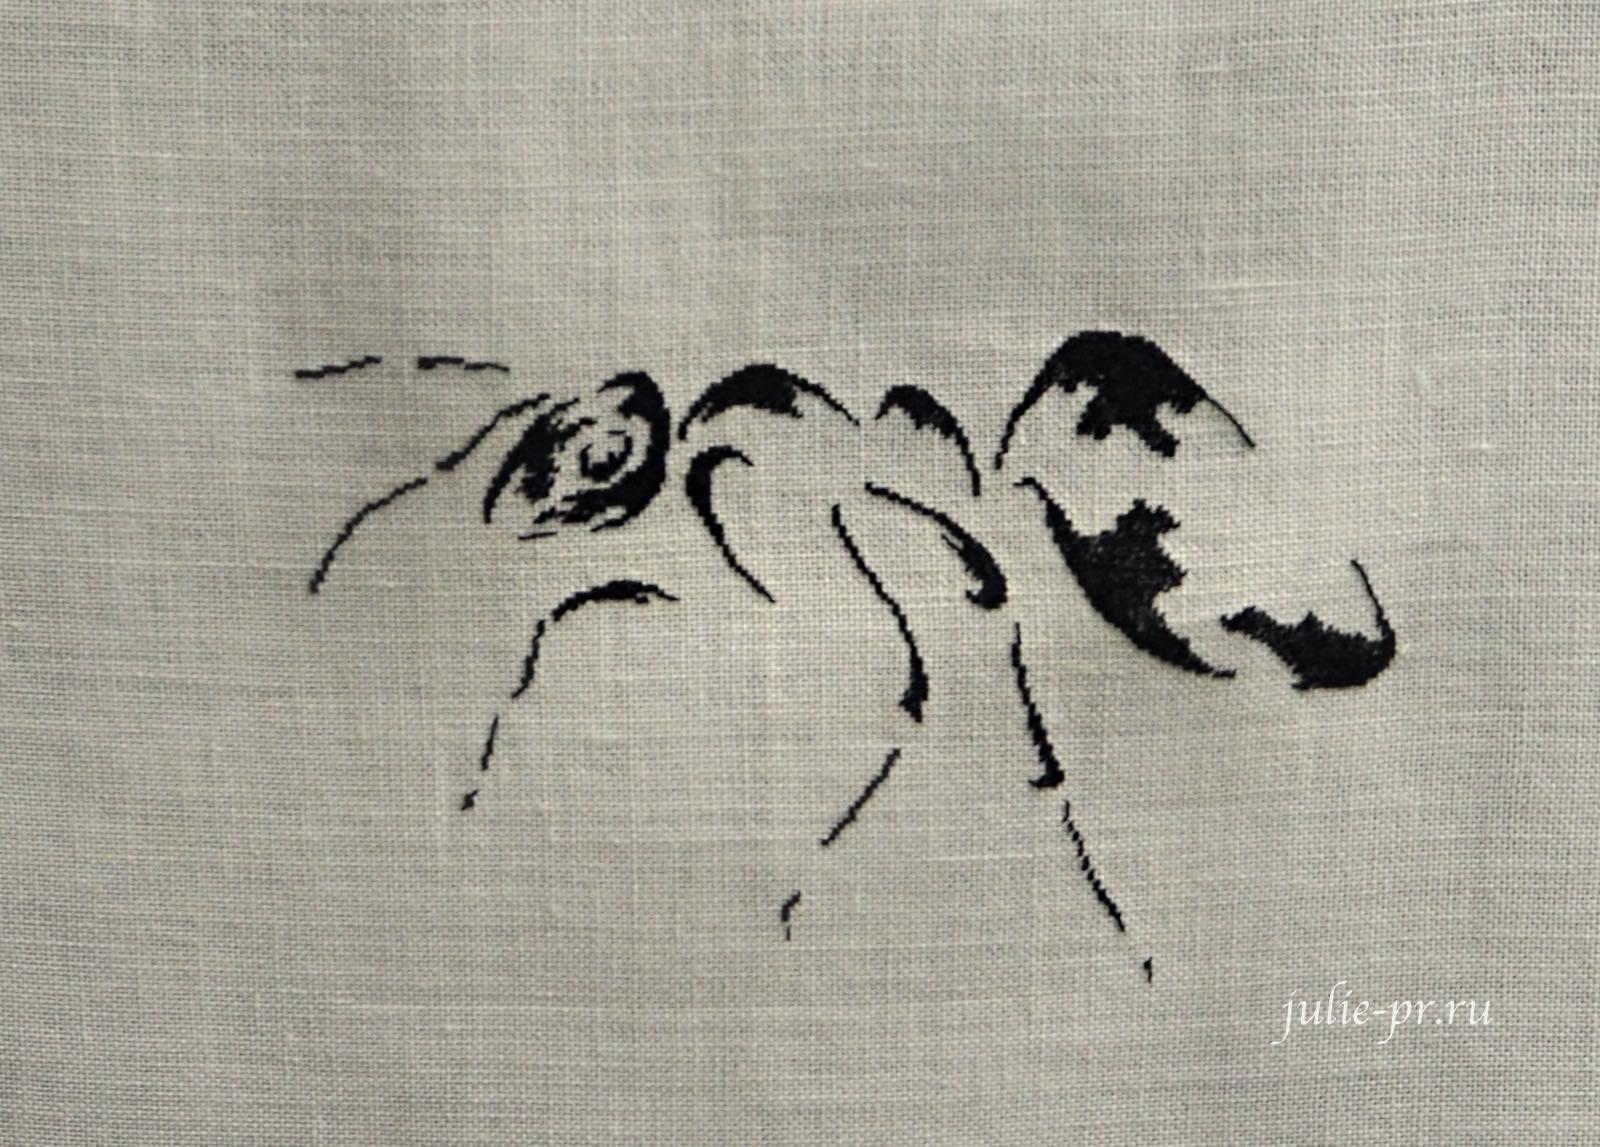 MTSA, Муравей, вышивка крестом, вышивка петитом